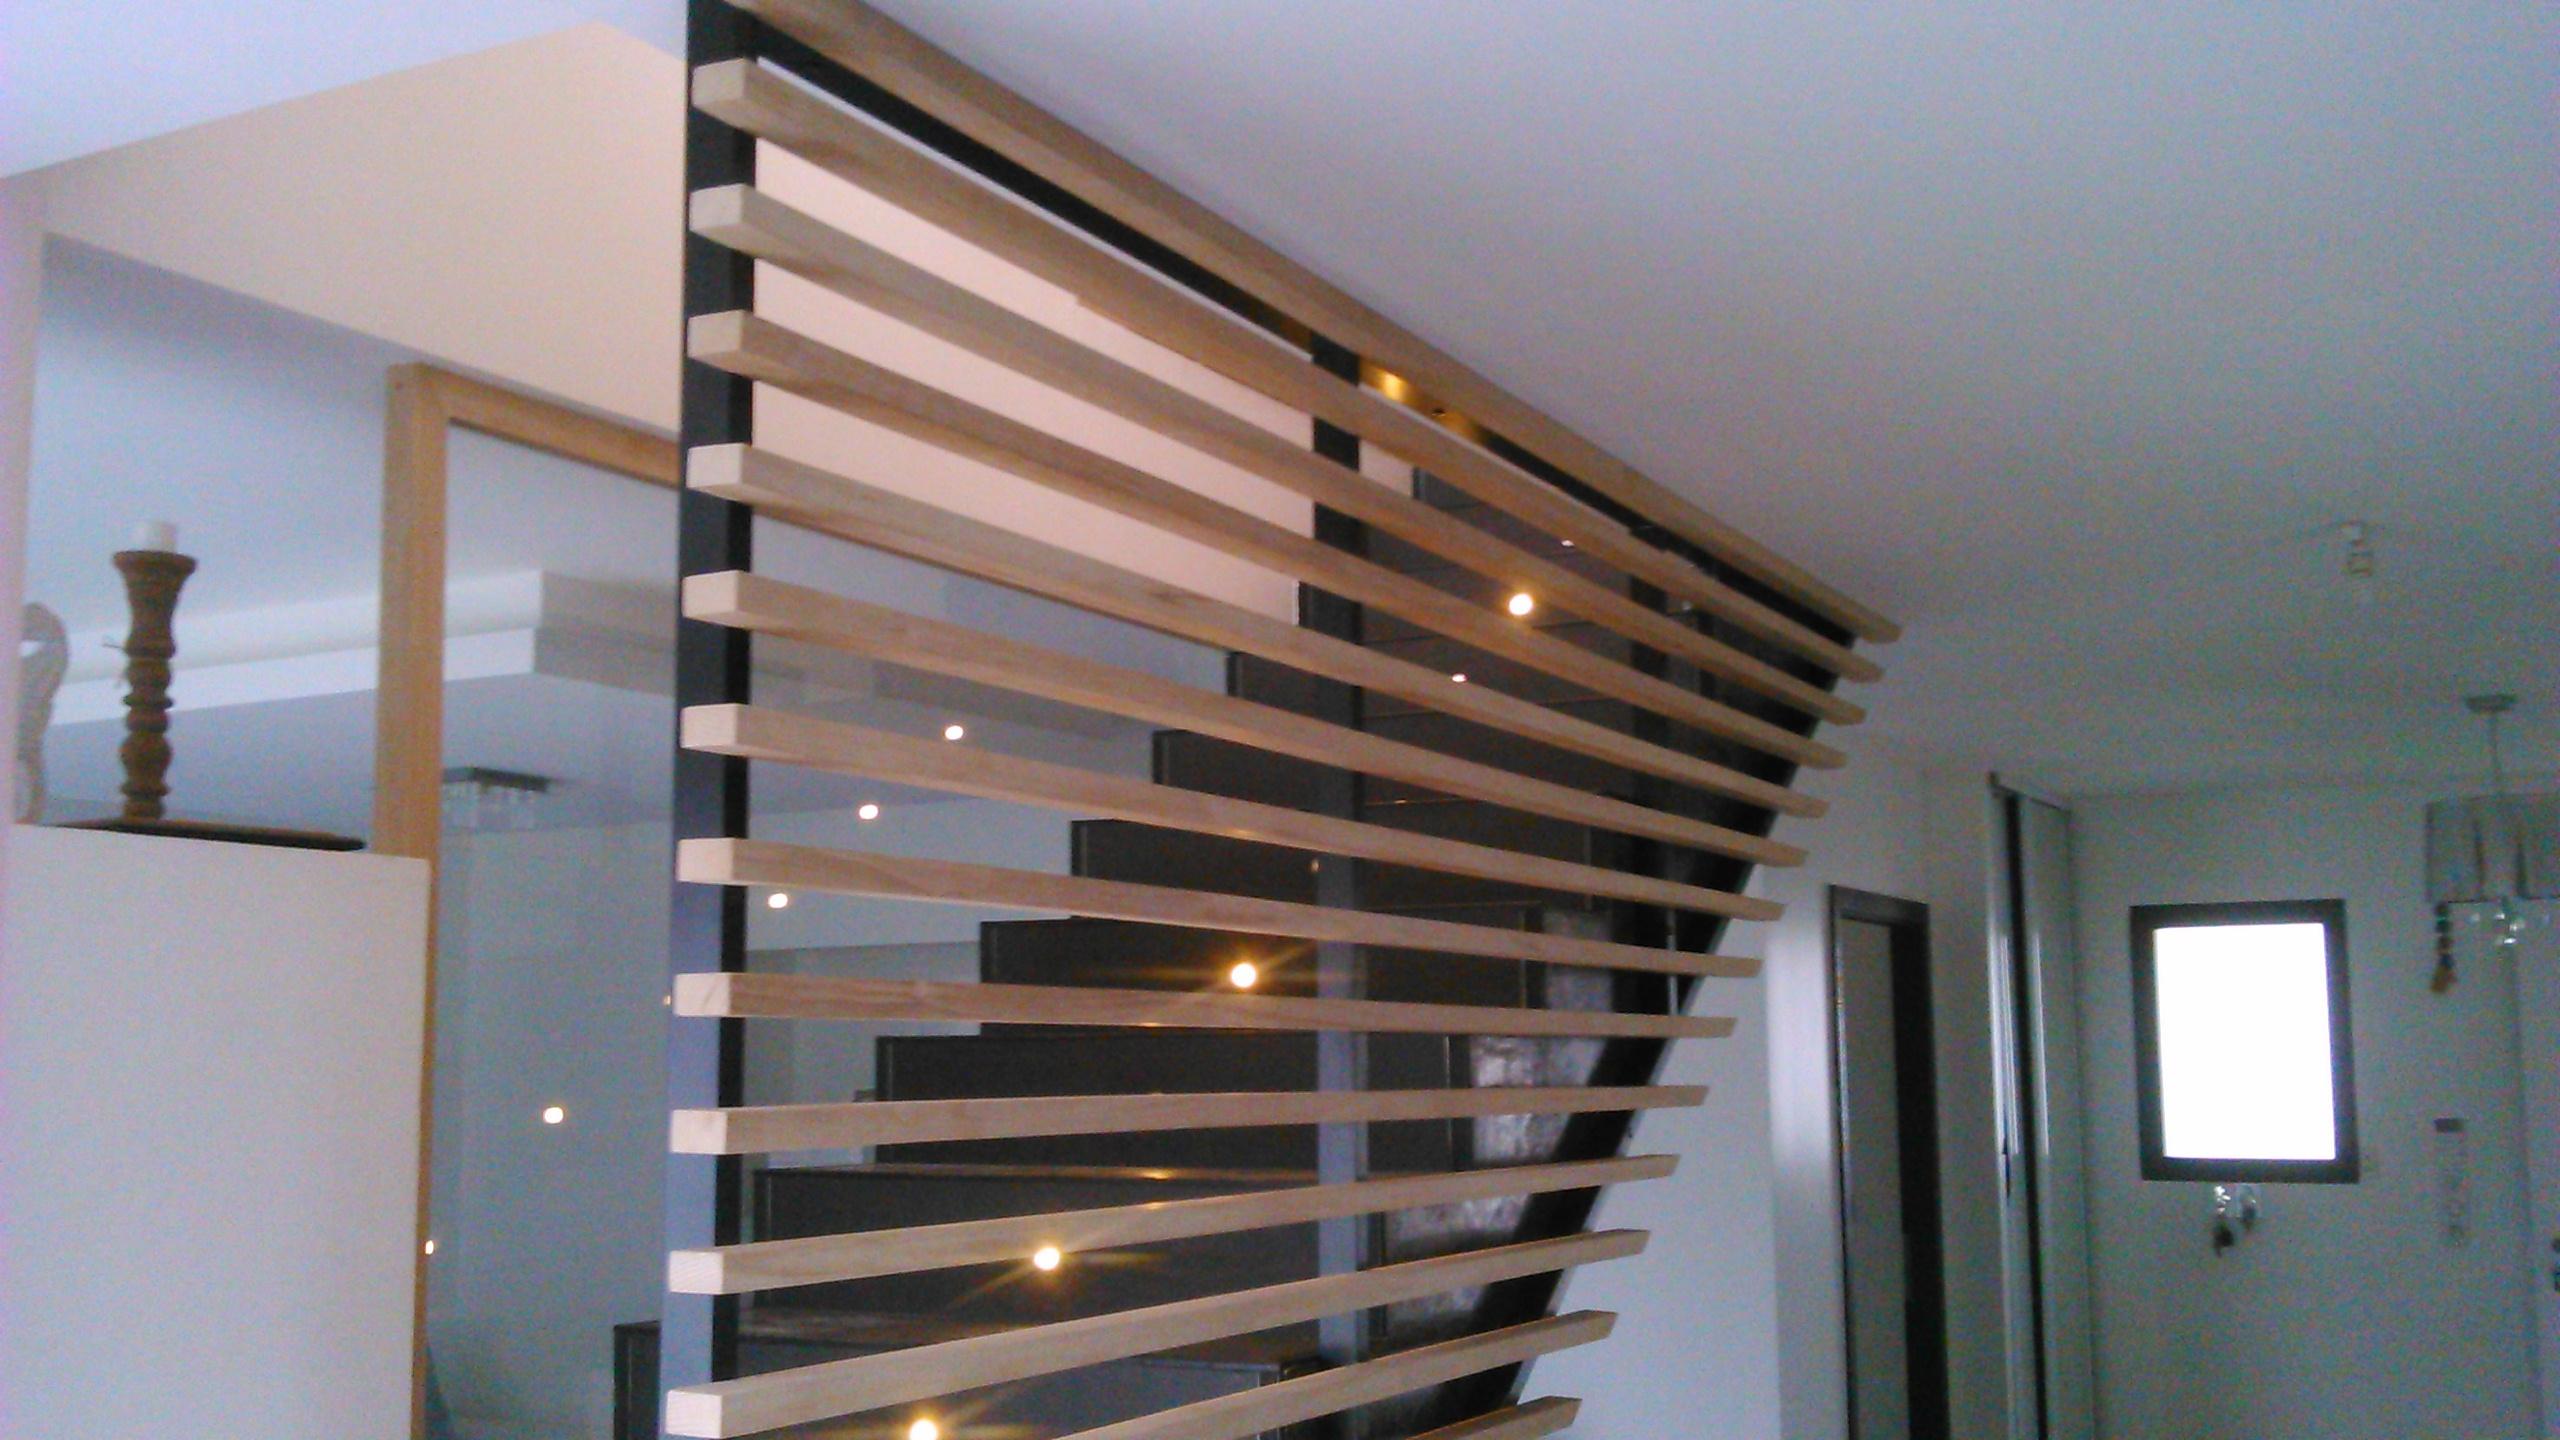 Habiller Un Poteau Interieur menuiserie intérieure | spécialiste de la fabrication et la